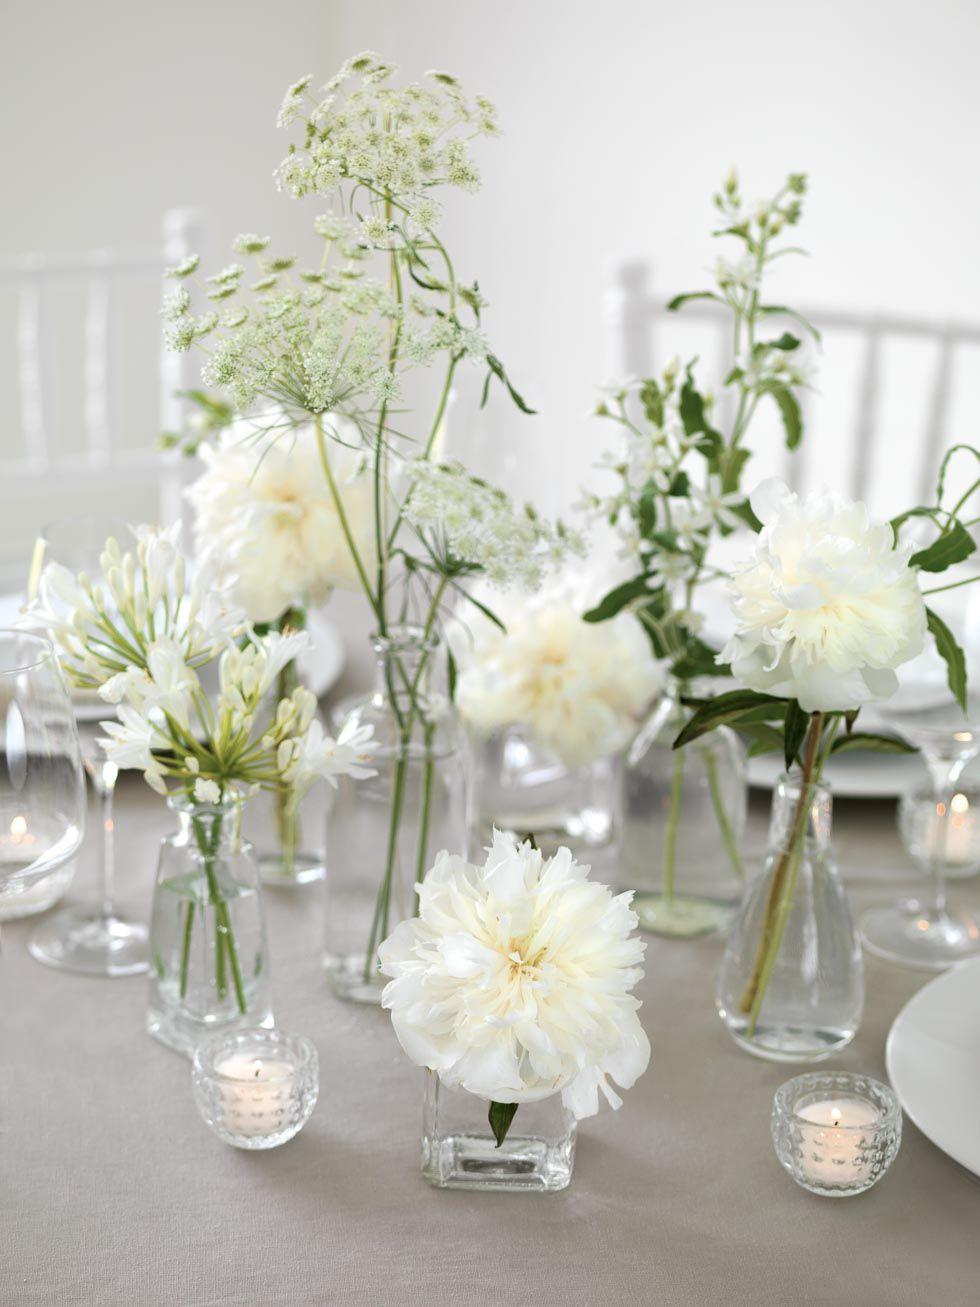 Decoraciones de mesa blanco y verde